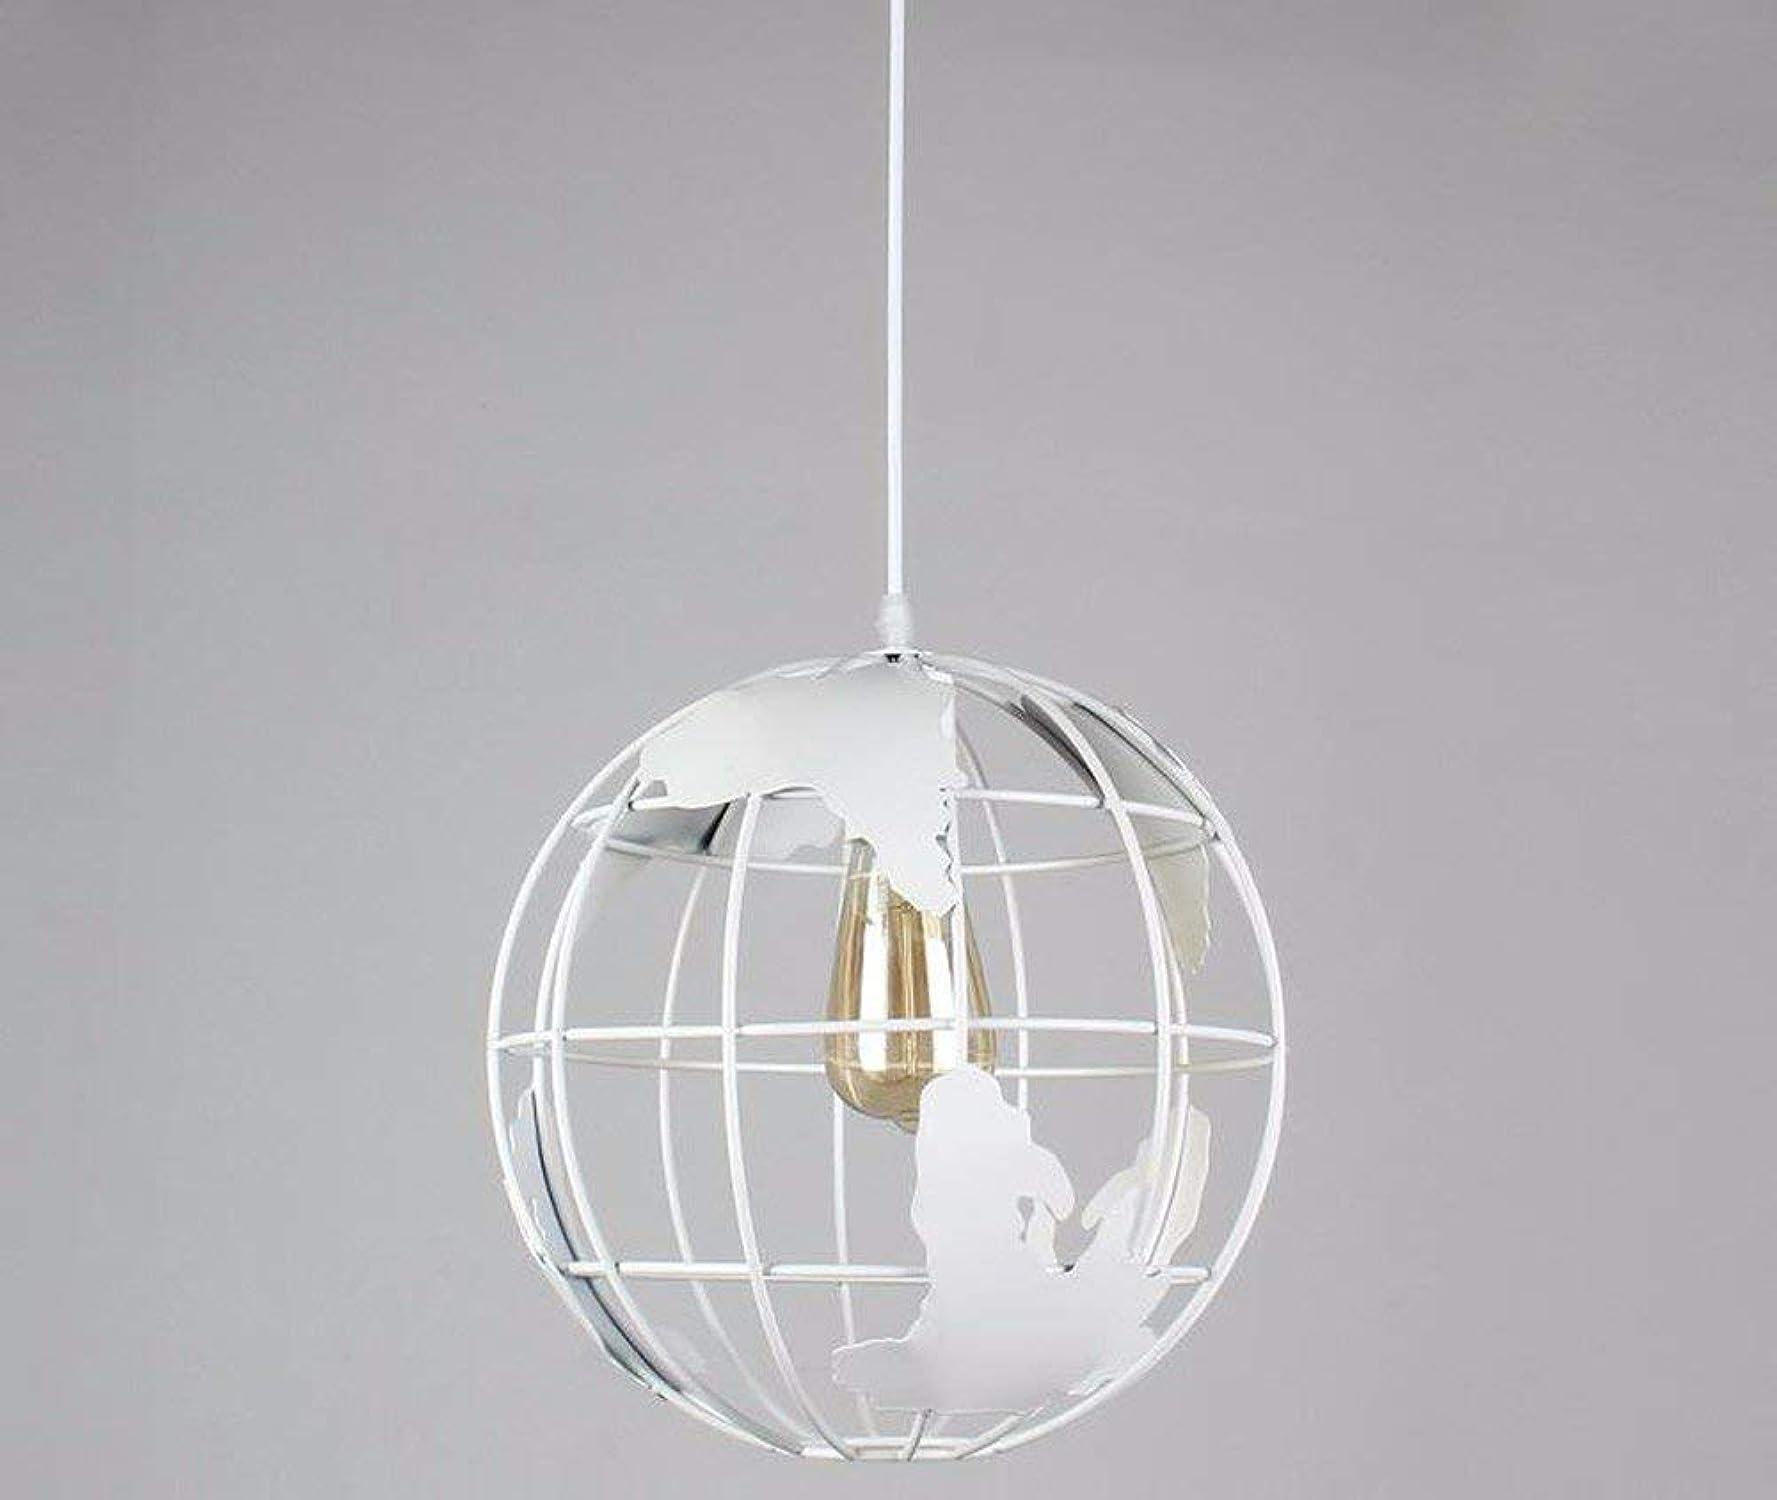 YT-ER Pendentif Lumière Pendentif Lampe Lustre Restaurant Bar Lampe de Bureau Globe Personnalité Fer Art Blanc Diameter30Cm111